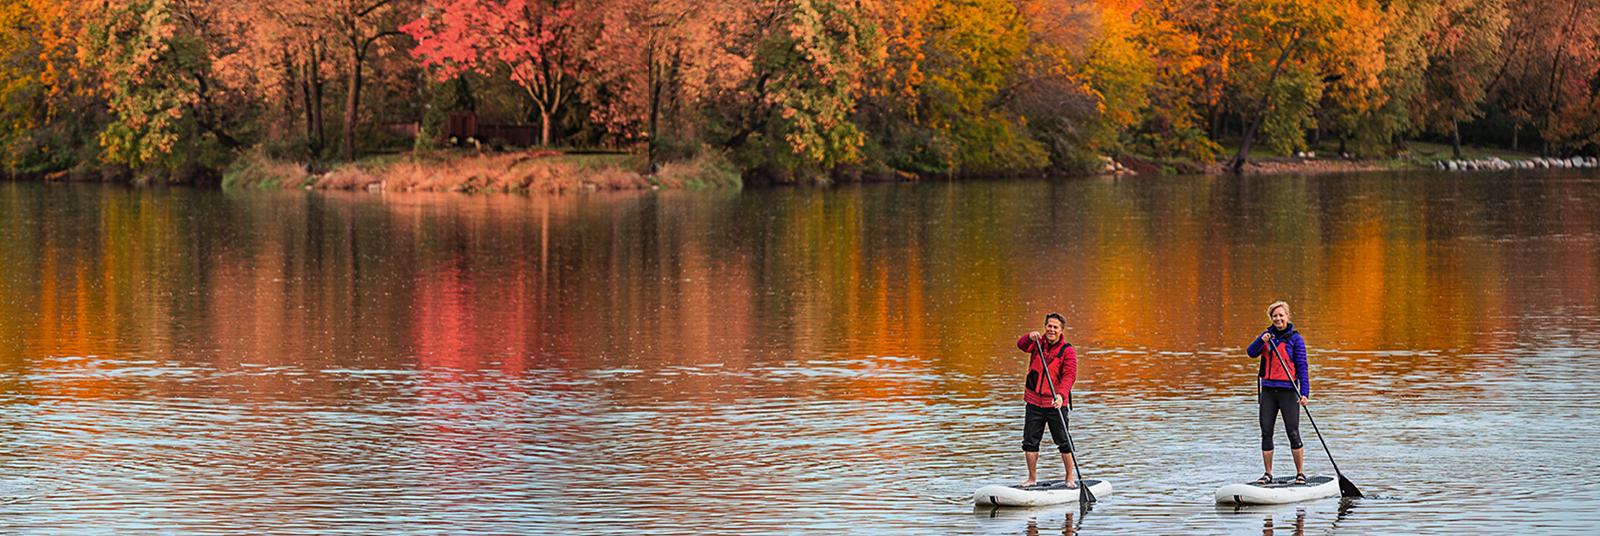 Fox River IMG